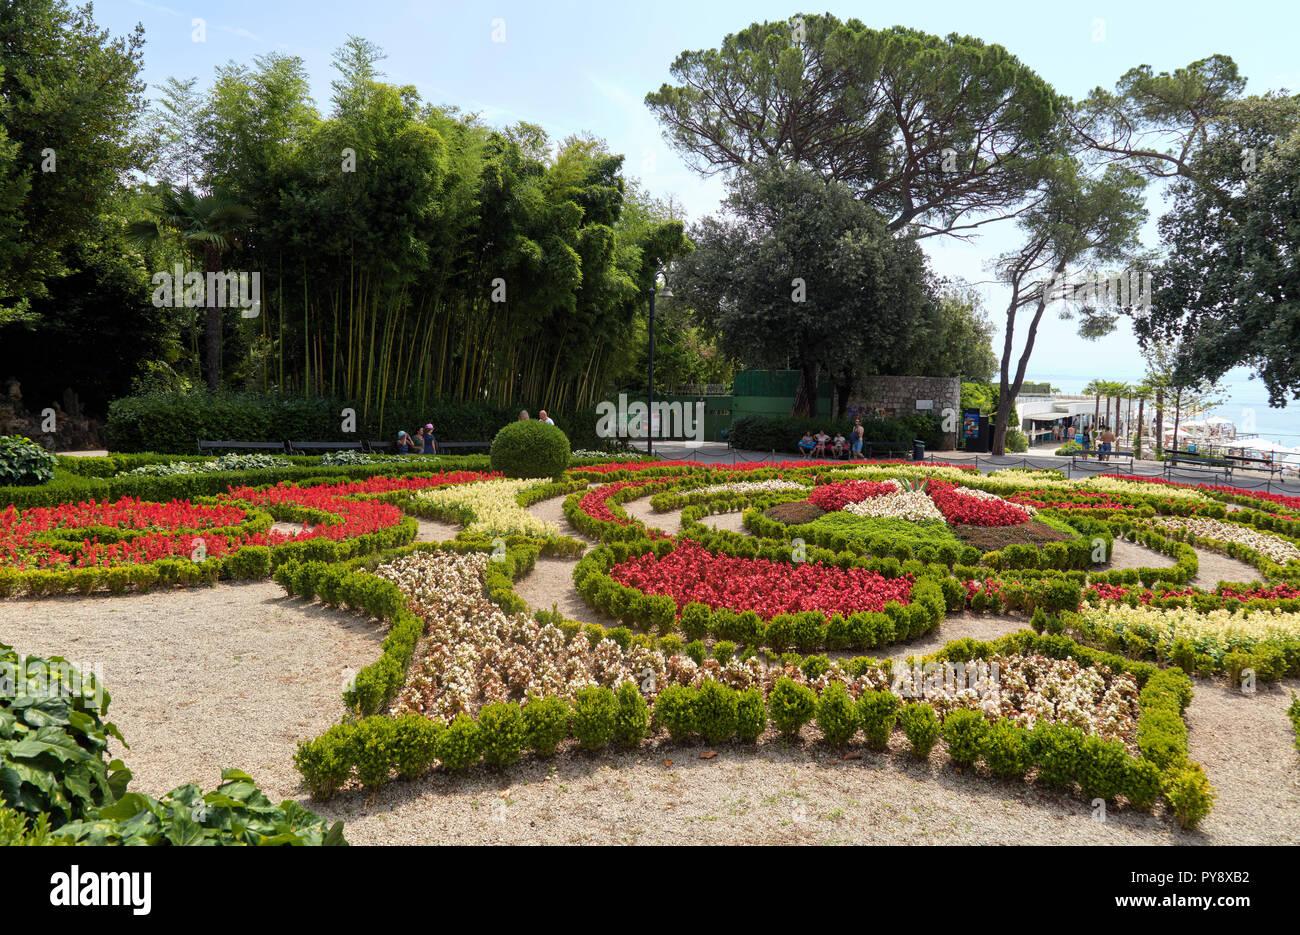 Garden in front of Croatian Museum of Tourism in Opatija, Istria, Croatia Stock Photo